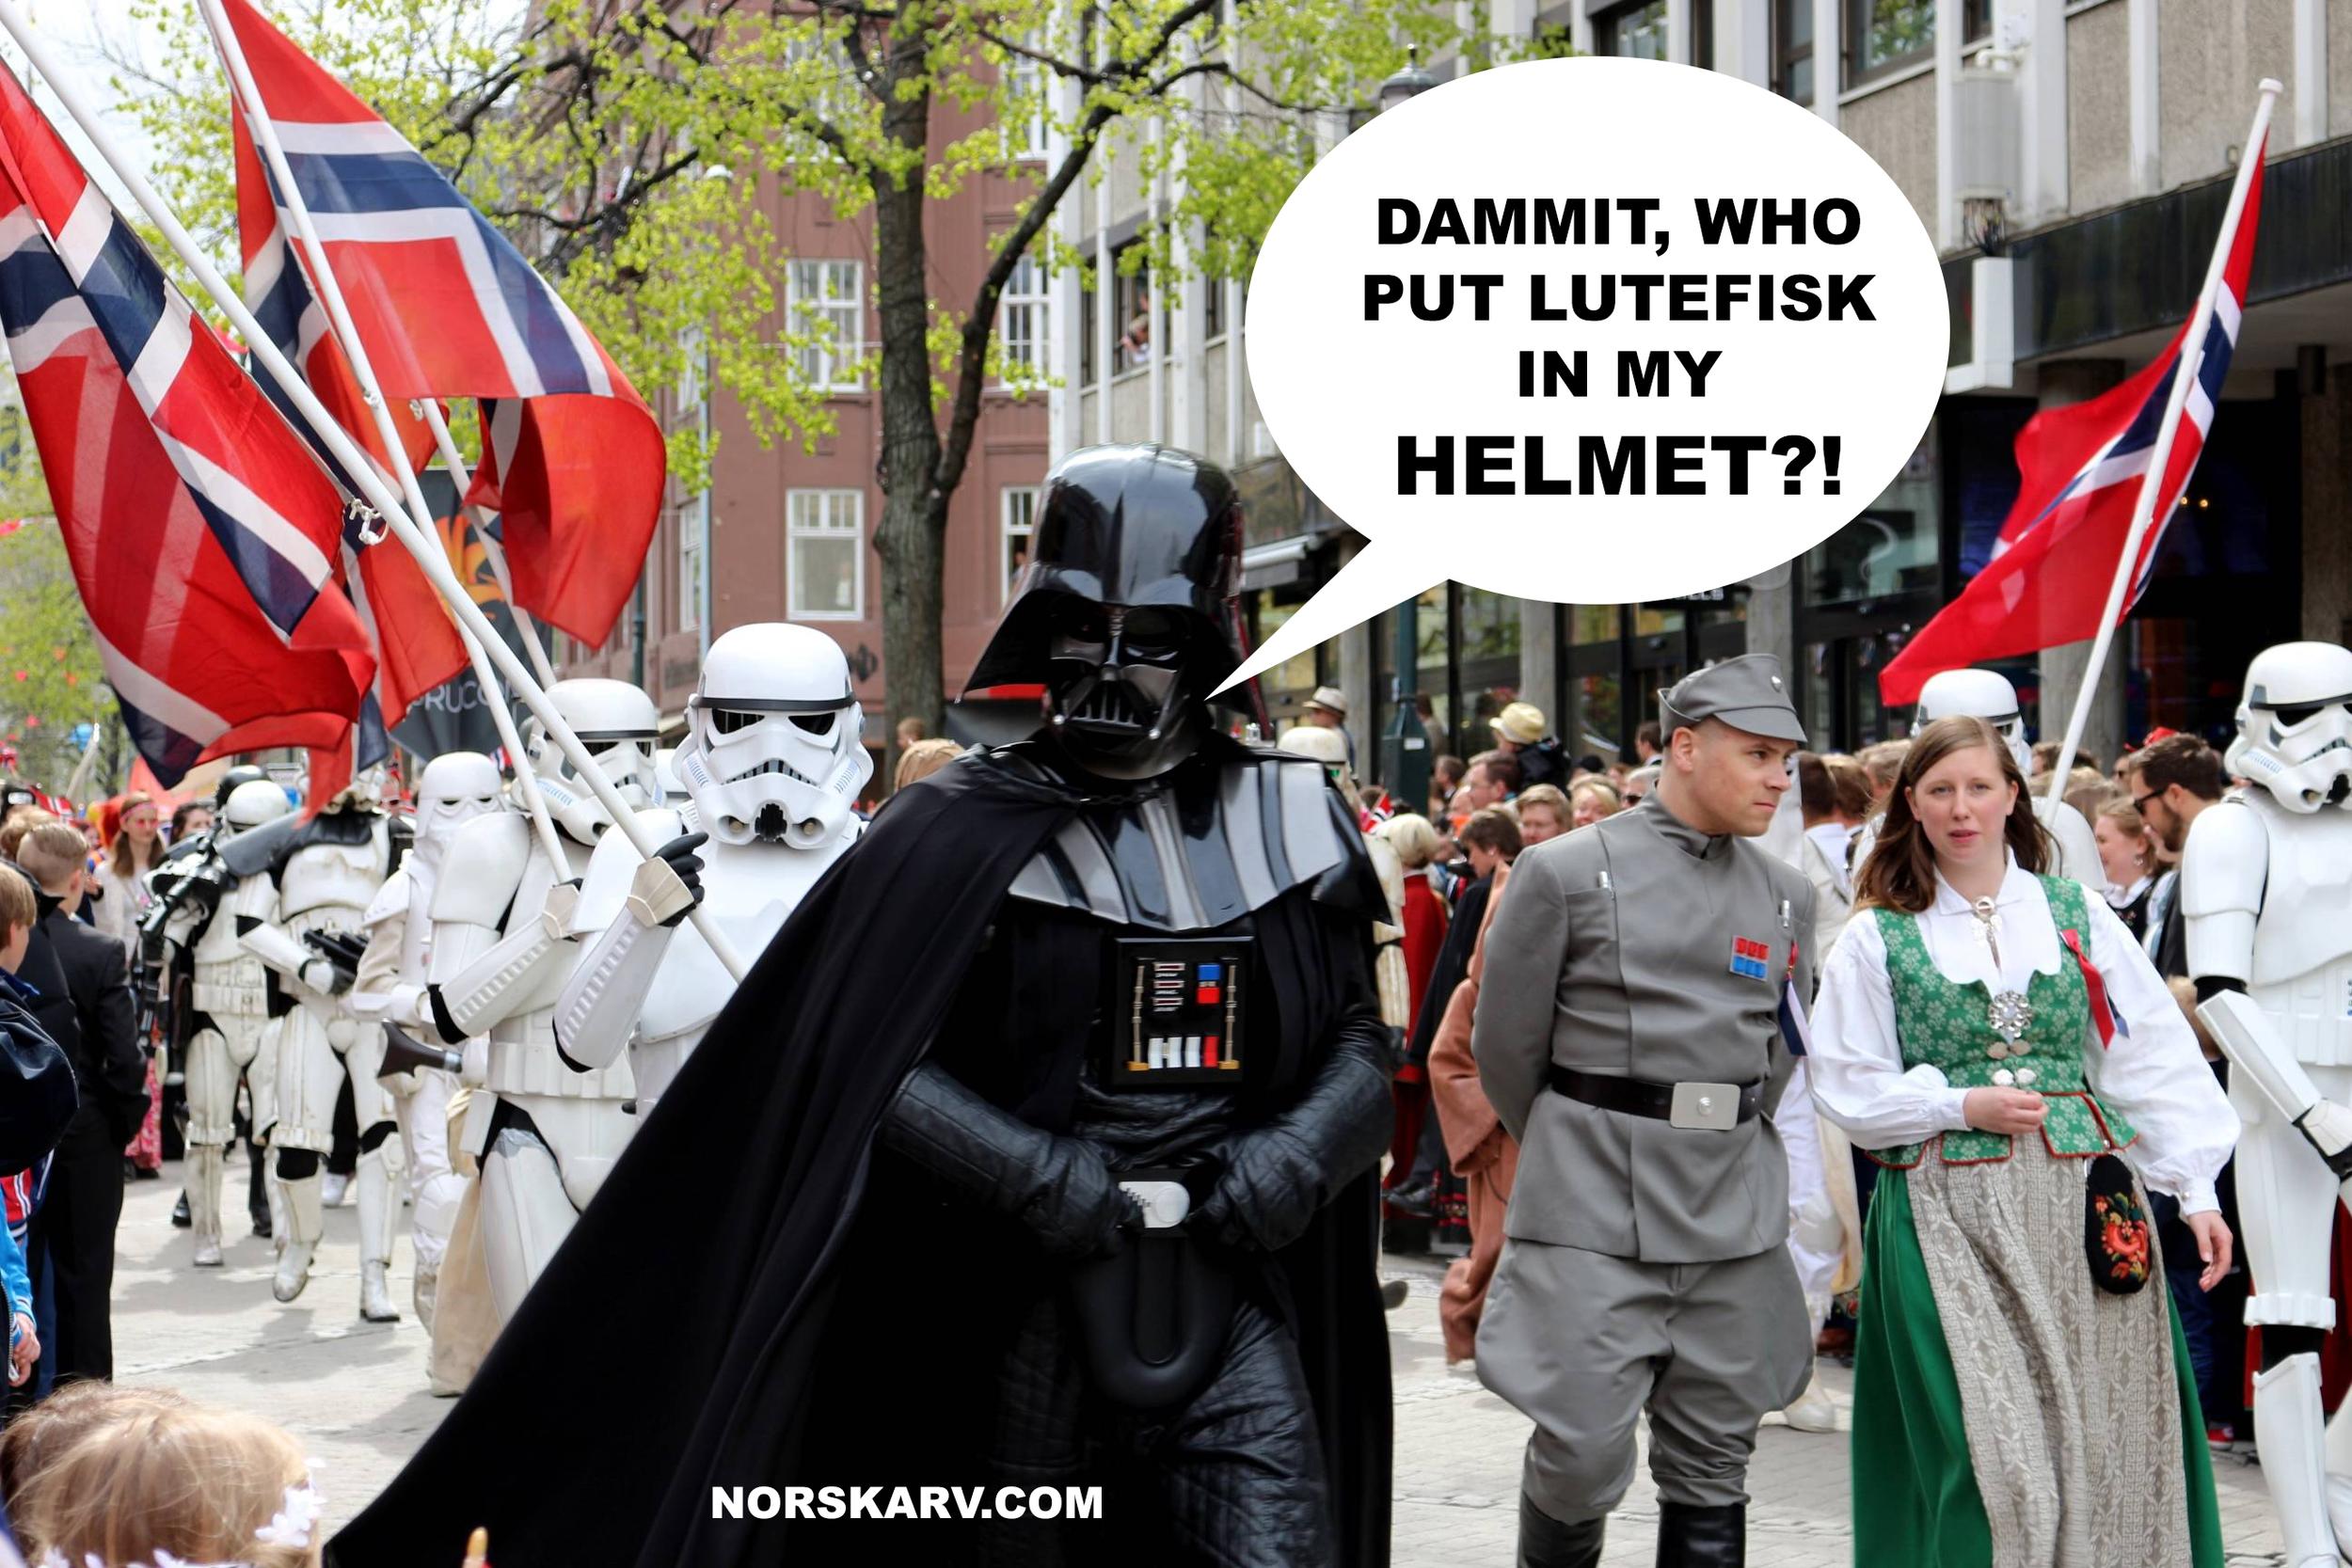 darth vader meme lutefisk helmet norway parade stormtrooper norskarv alt for norge